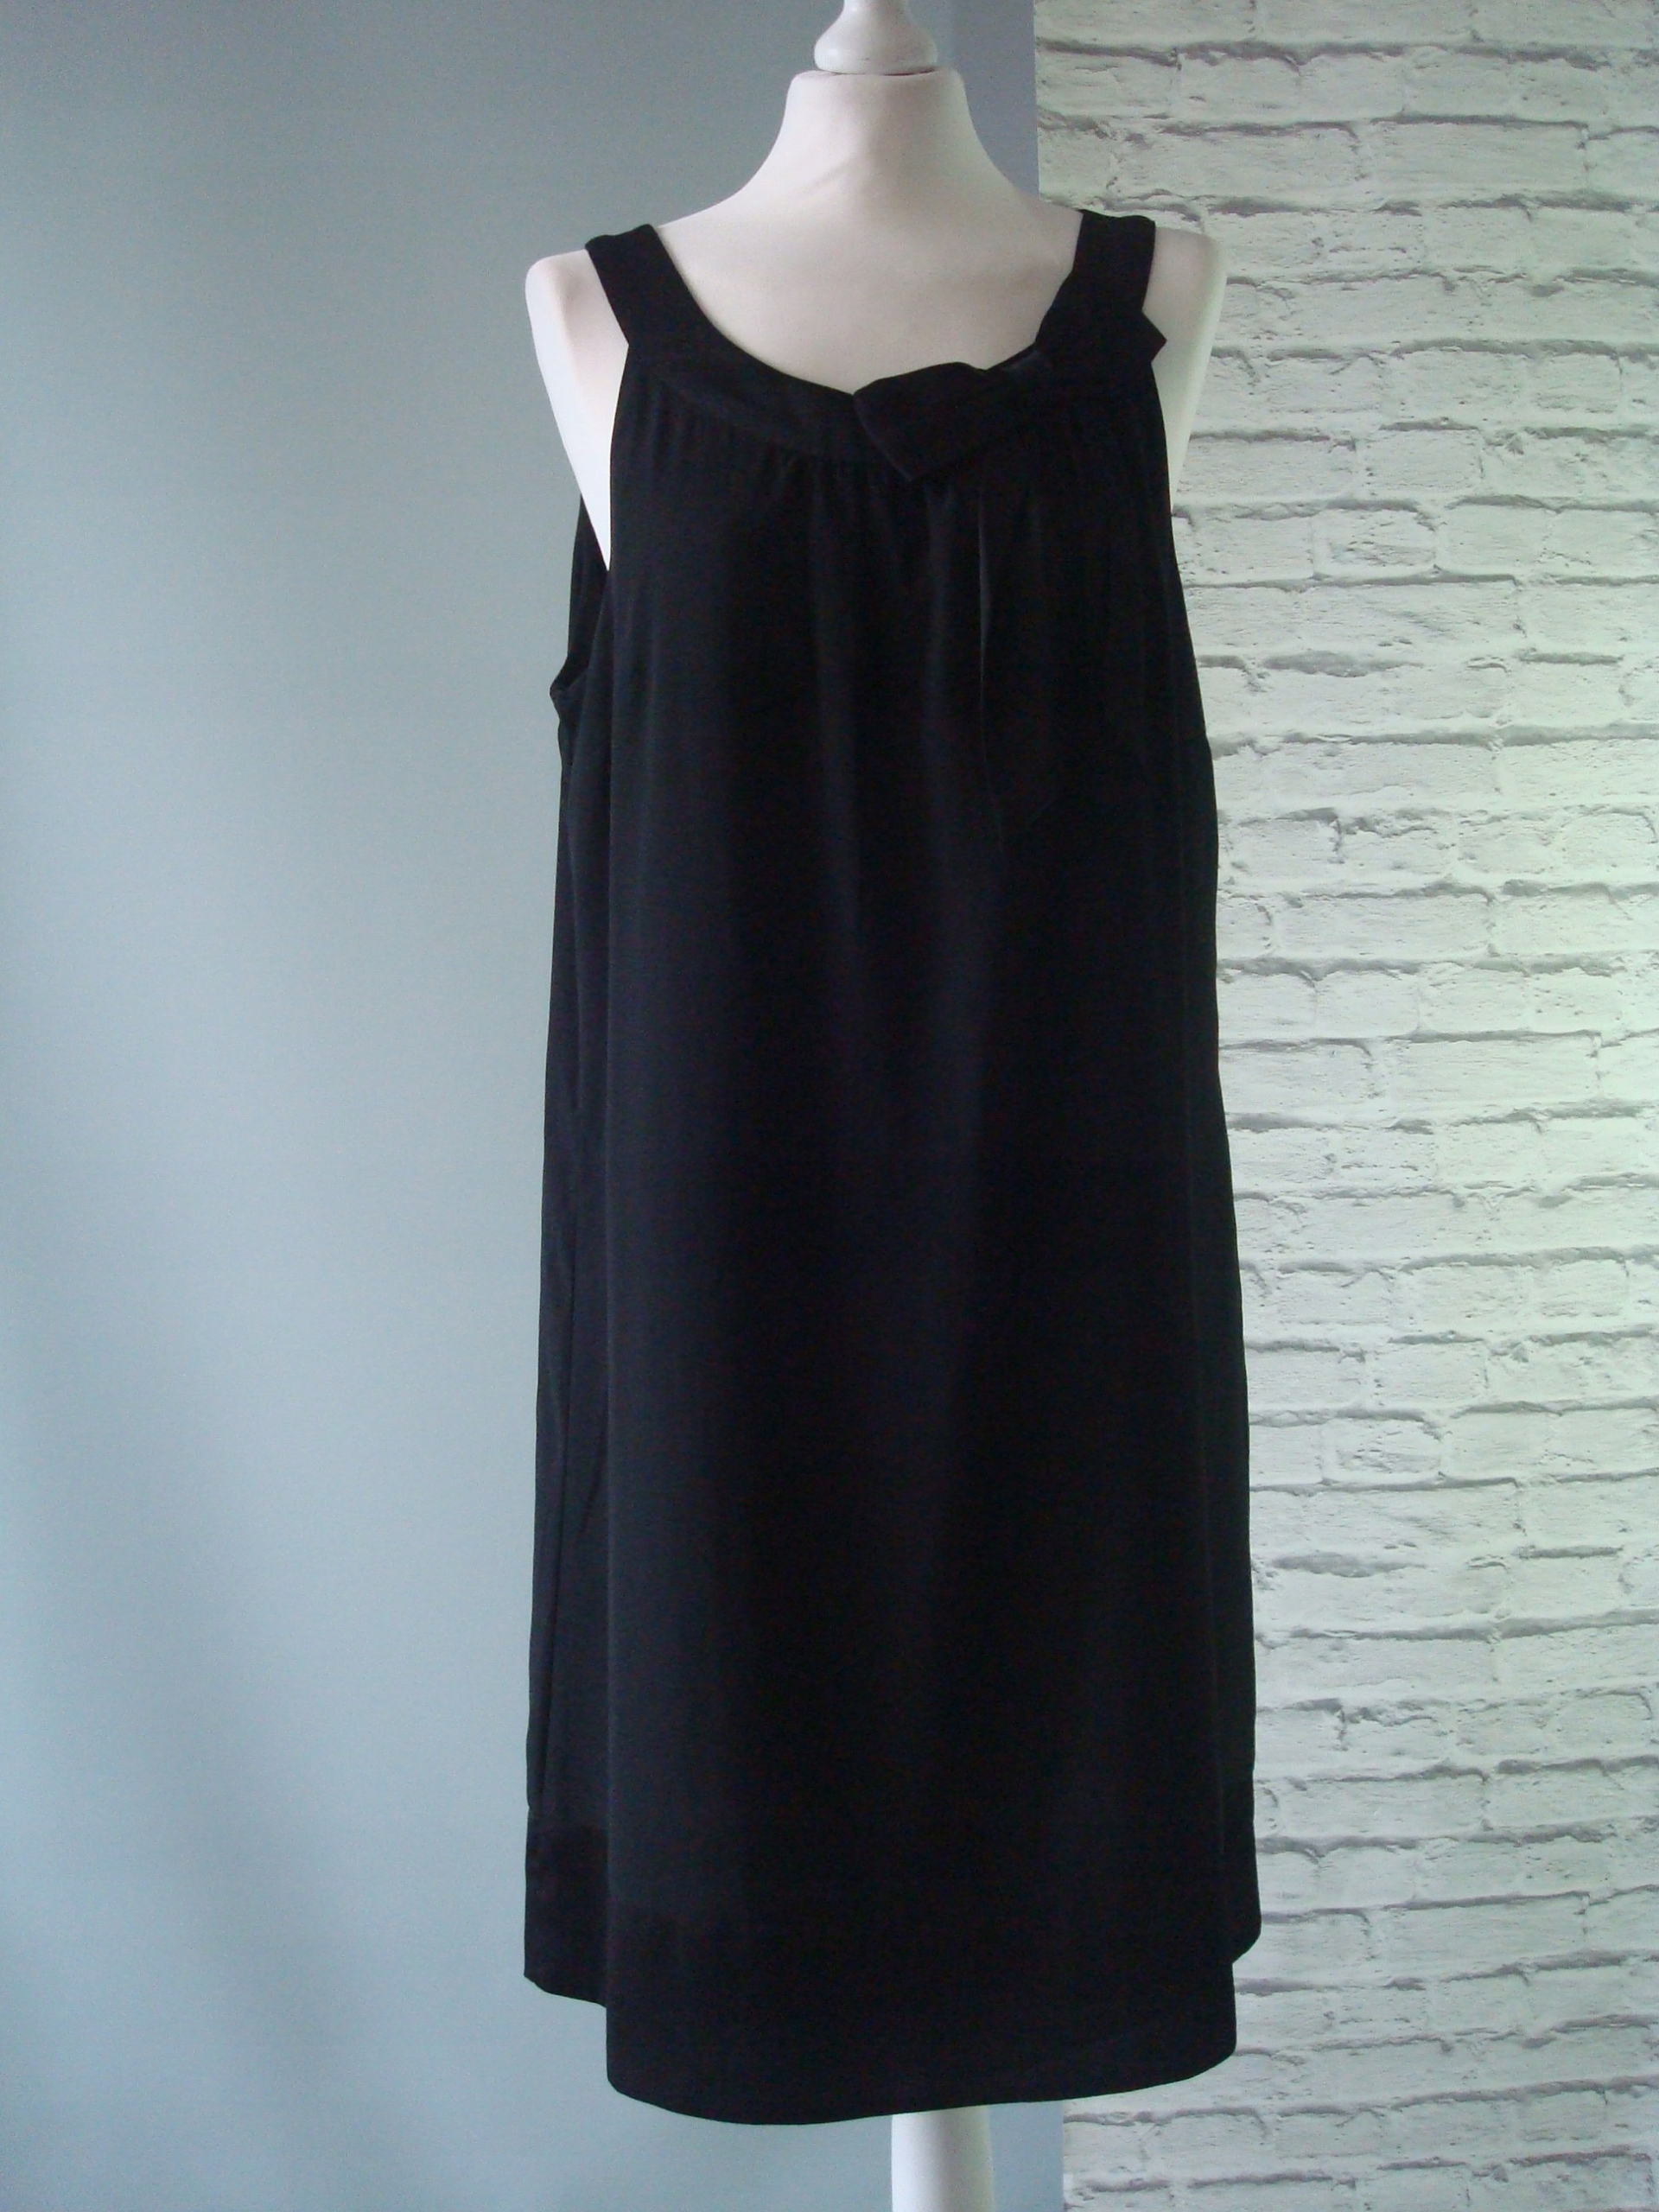 9d48a8010d H M mała czarna sukienka bal PLUS SIZE 46 - 7654086392 - oficjalne ...